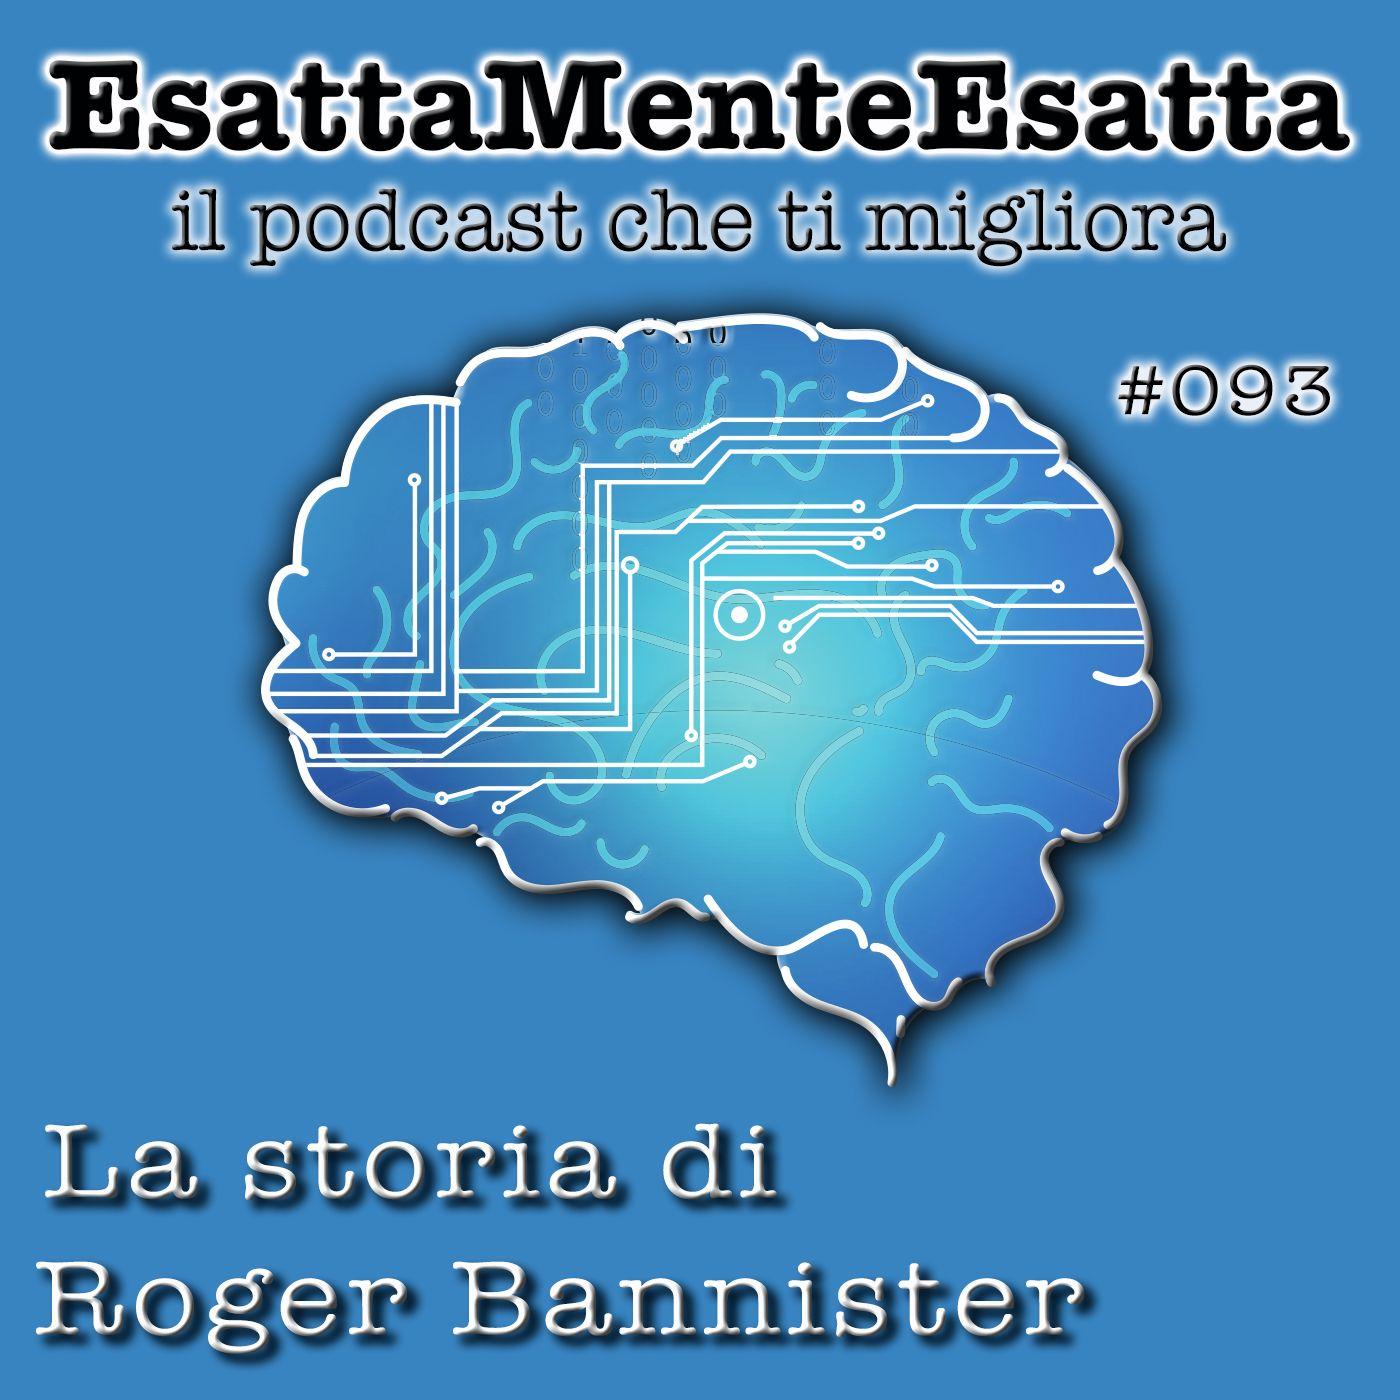 Motivazione: La storia di Roger Bannister #093